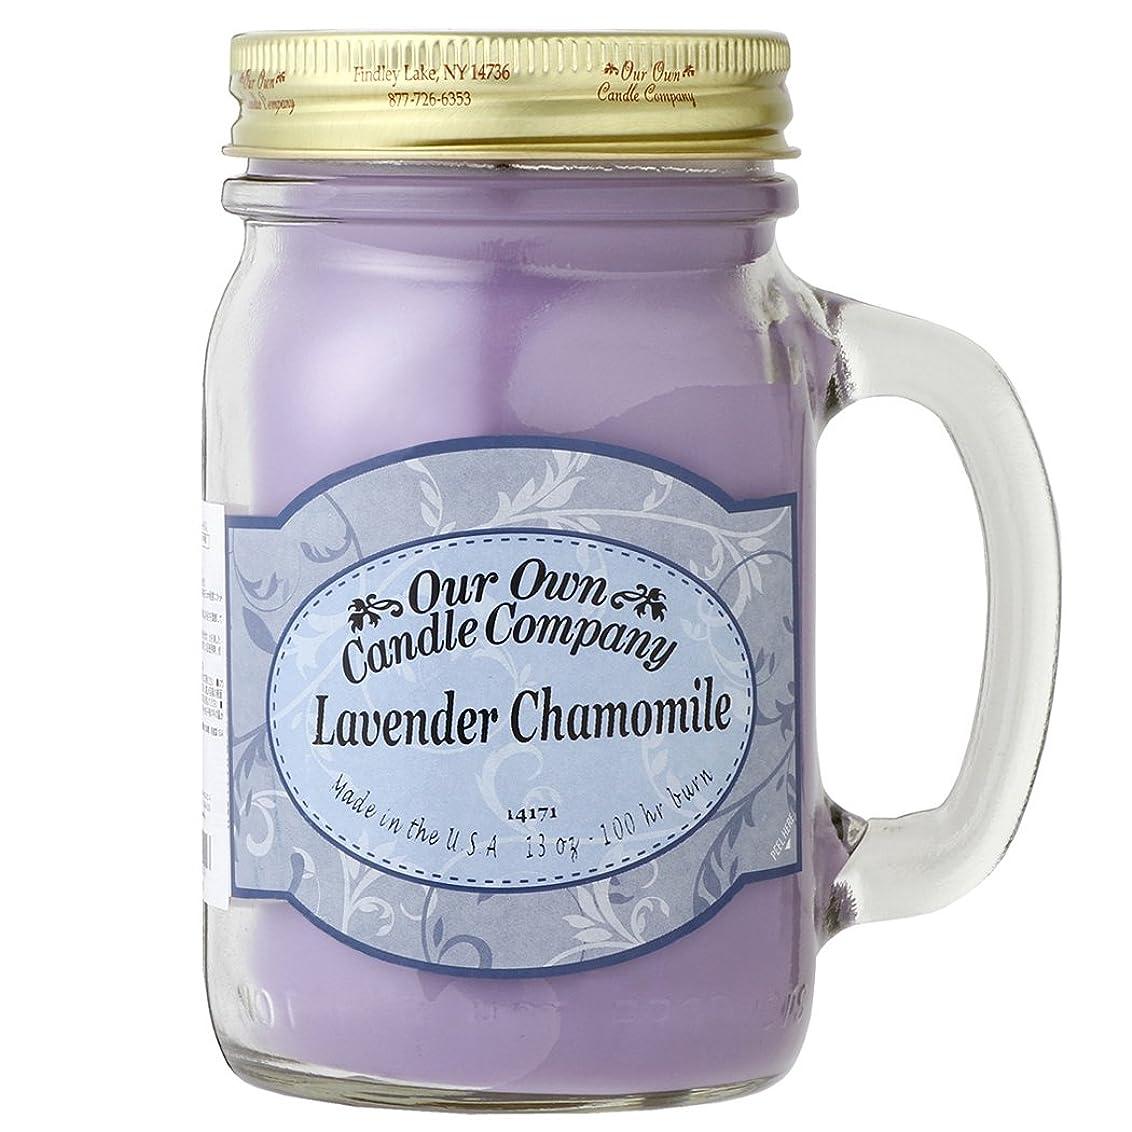 債権者キャンディーこだわりOur Own Candle Company メイソンジャーキャンドル ラージサイズ ラベンダーカモミール OU100070